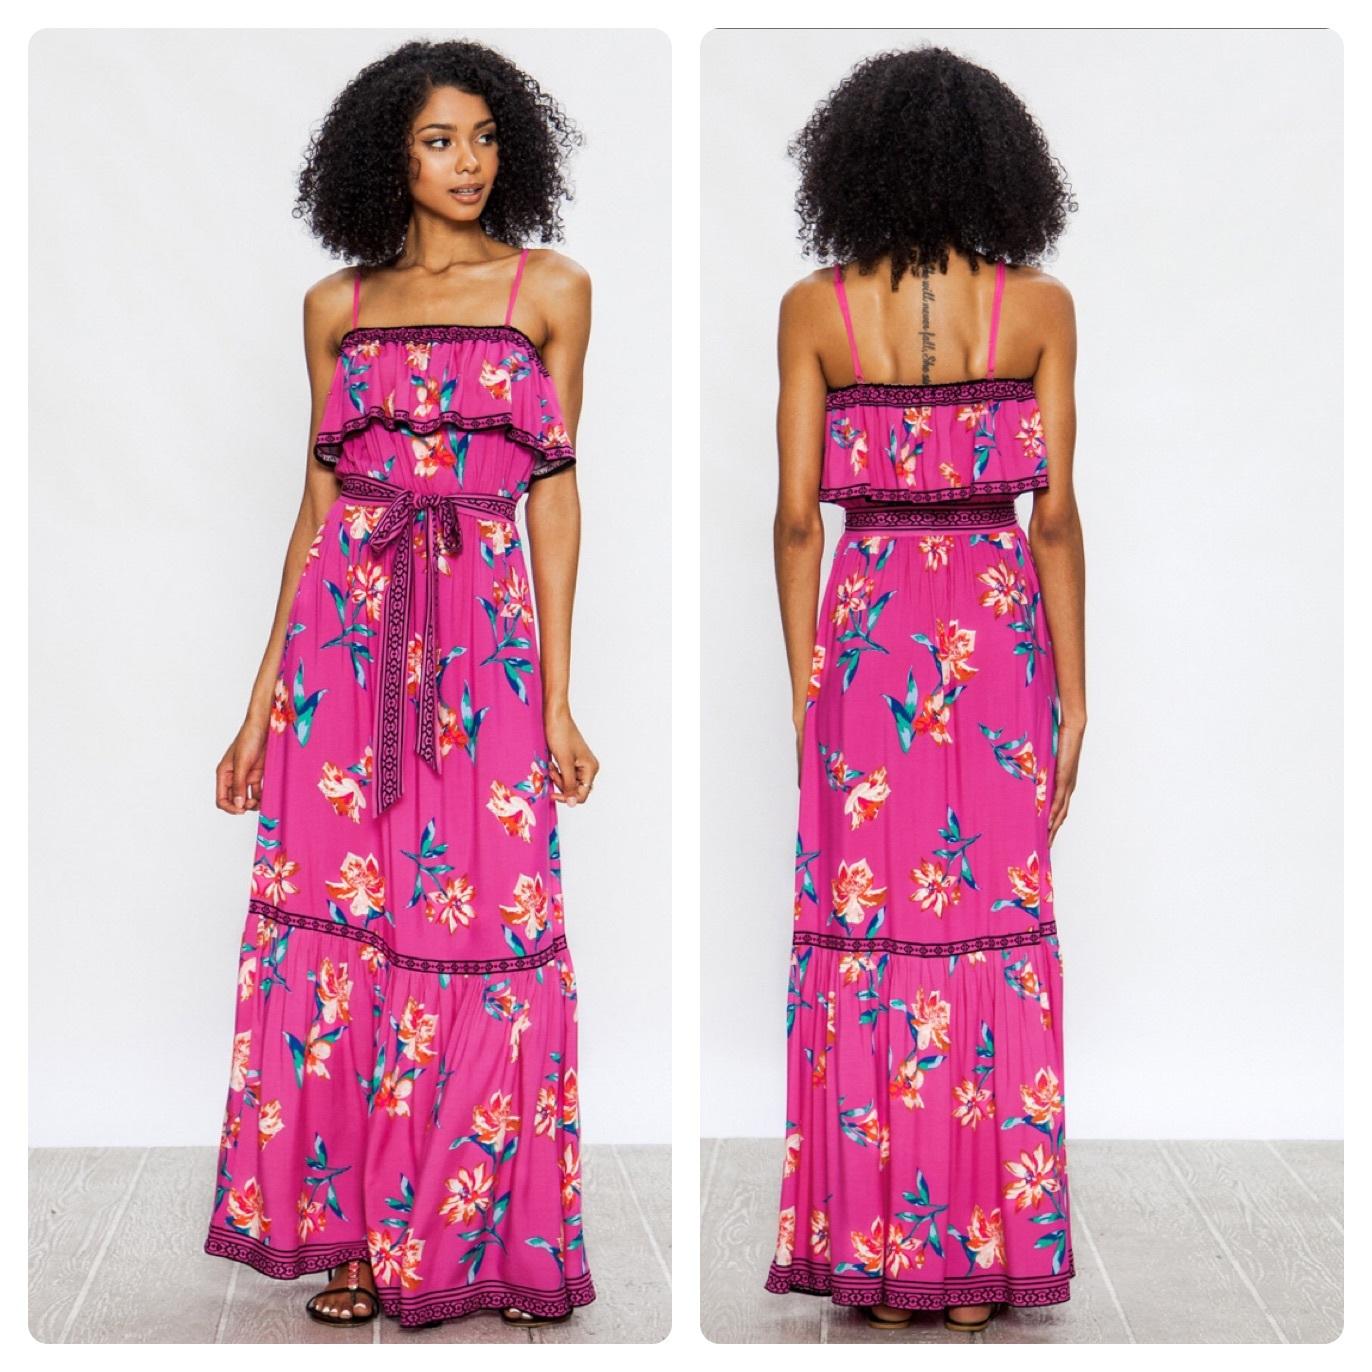 PINK FLORAL DRESS  $60